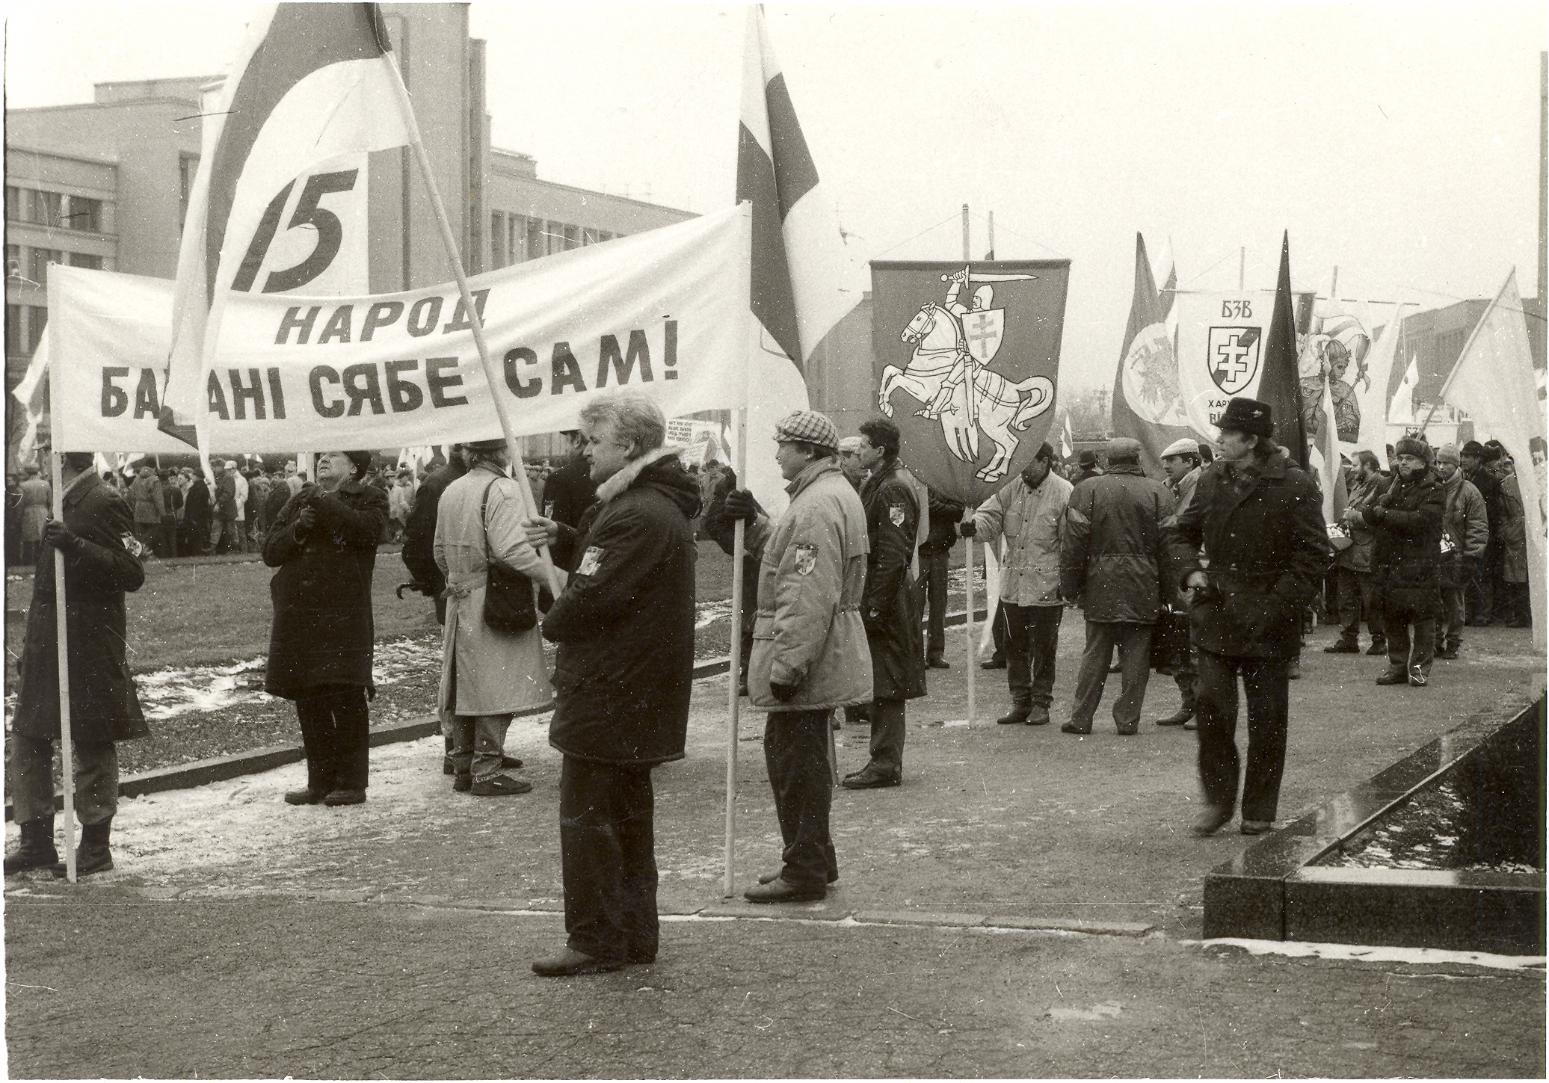 Пачатак маршу БЗВ з нагоды 75-й гадавіны БНР. 21 сакавіка 1993 года.